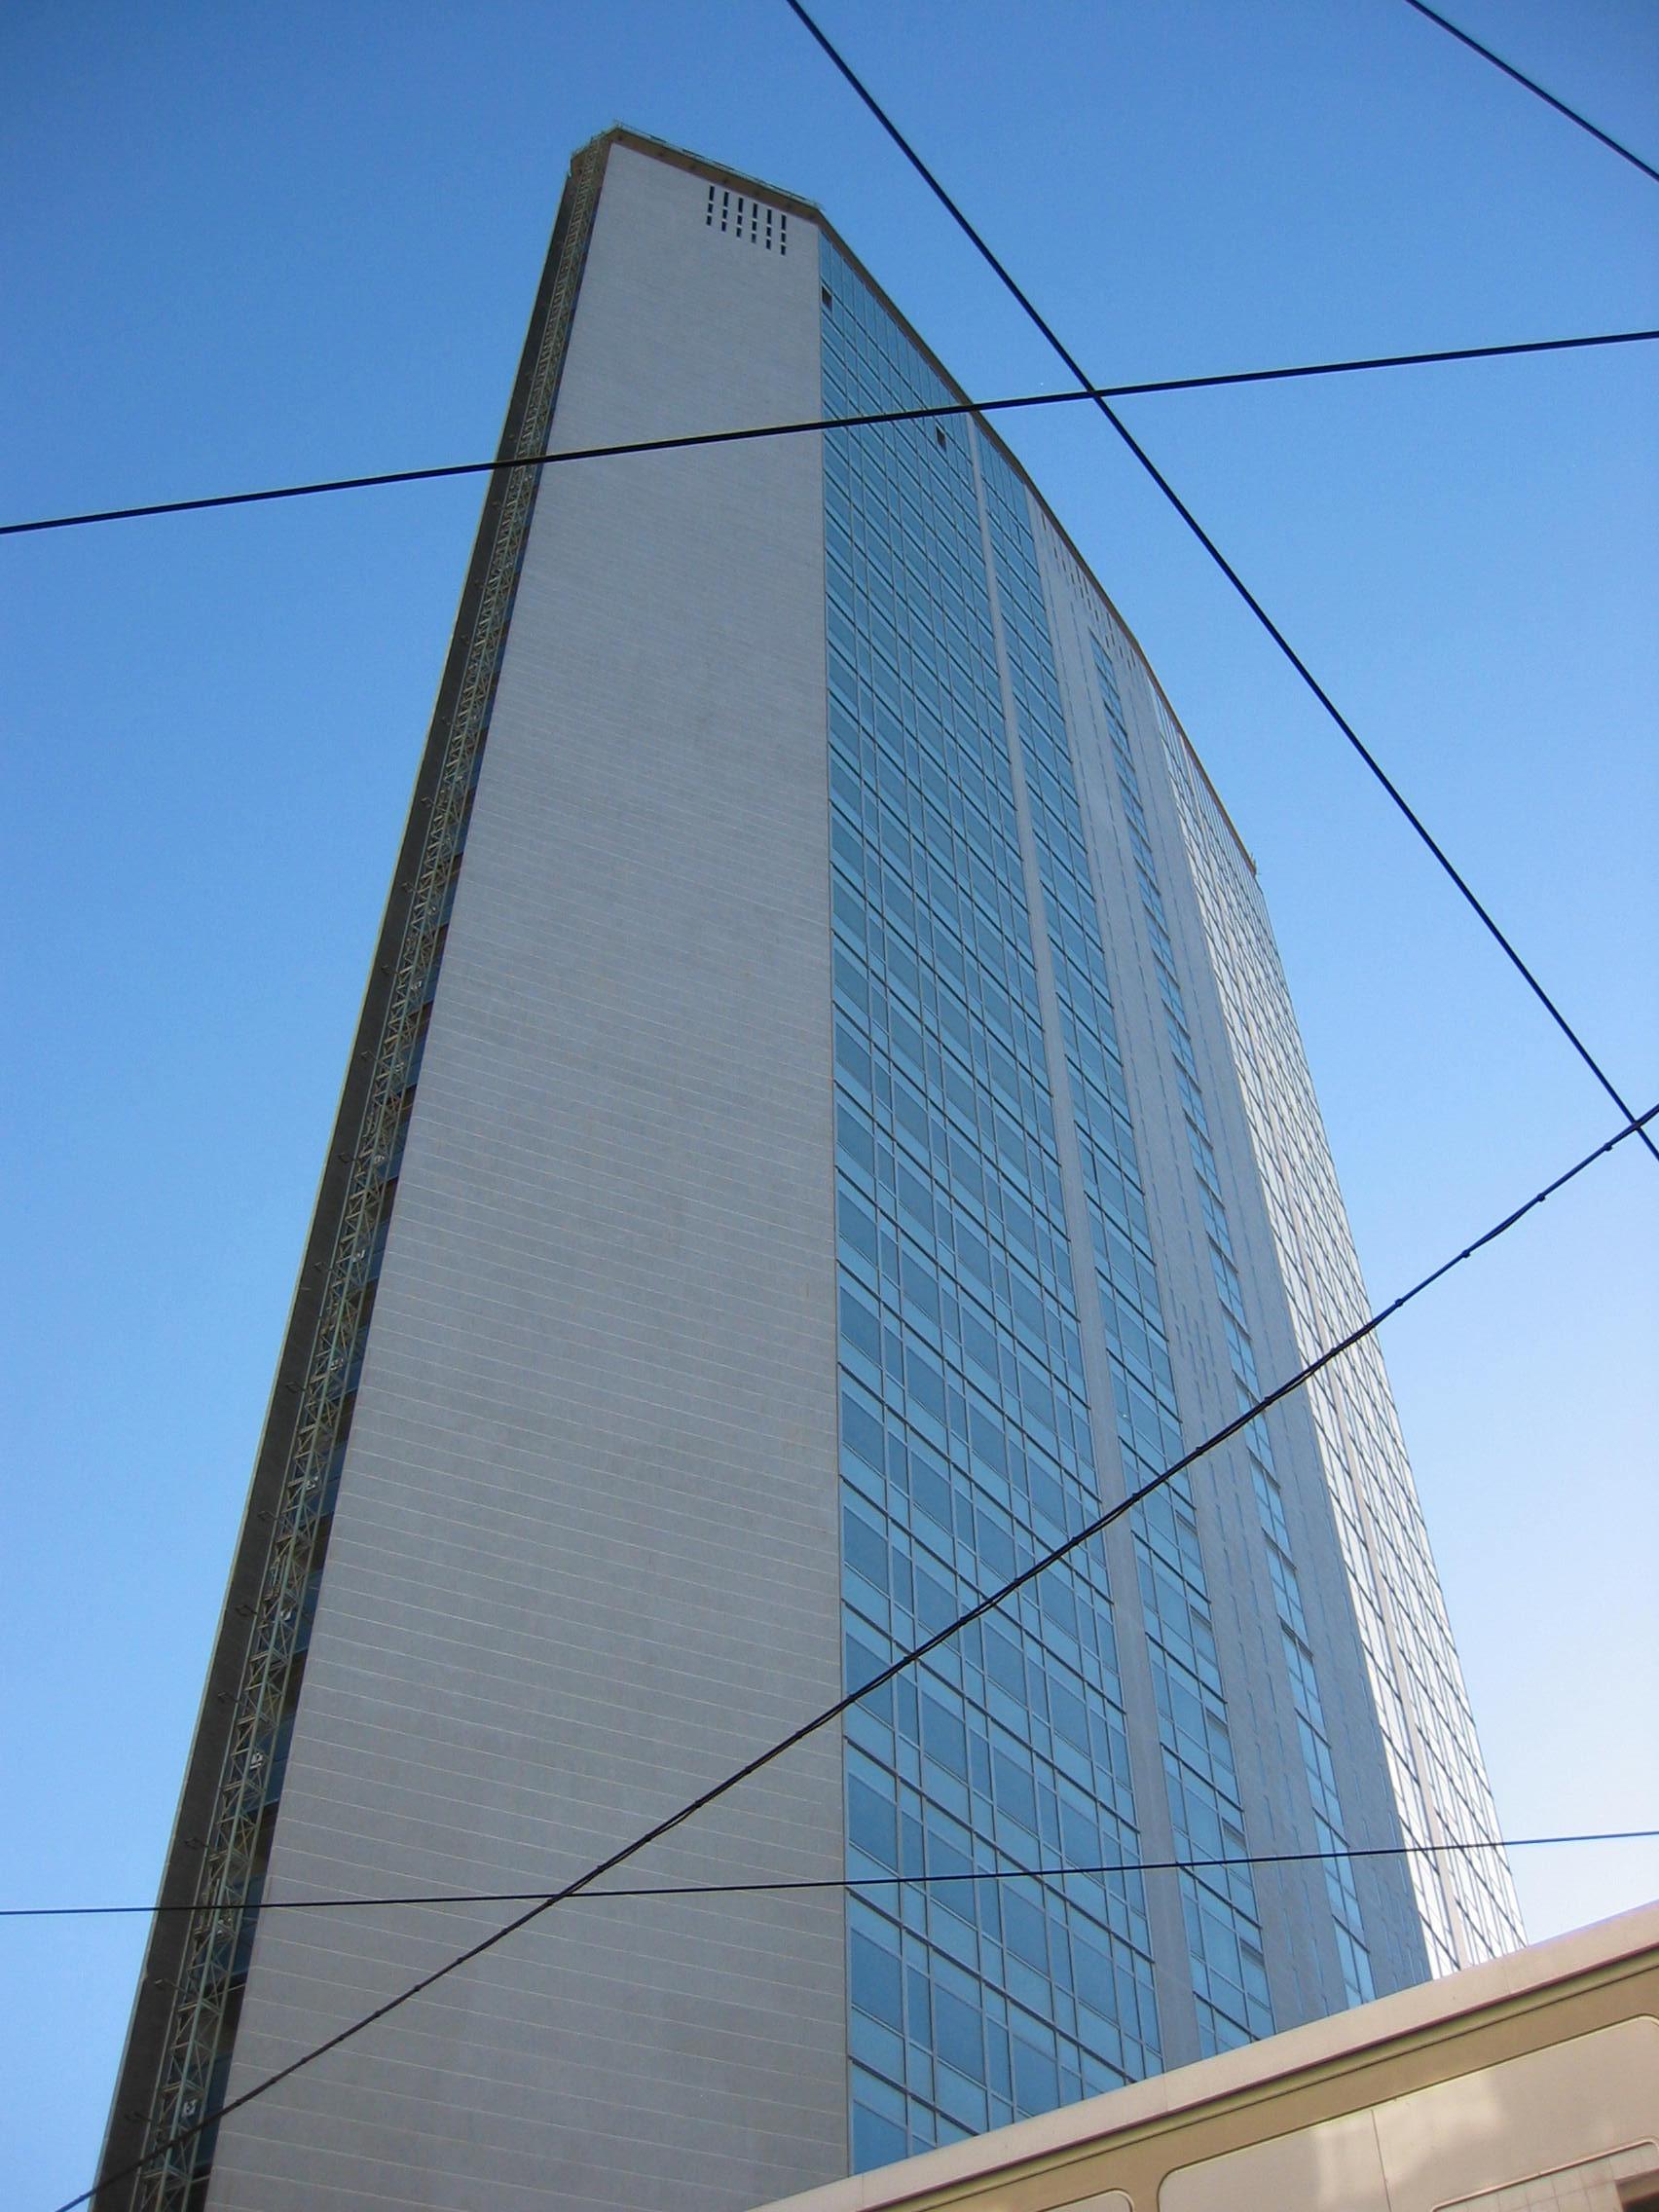 Nella foto: il grattacielo Pirelli, veduta dal basso